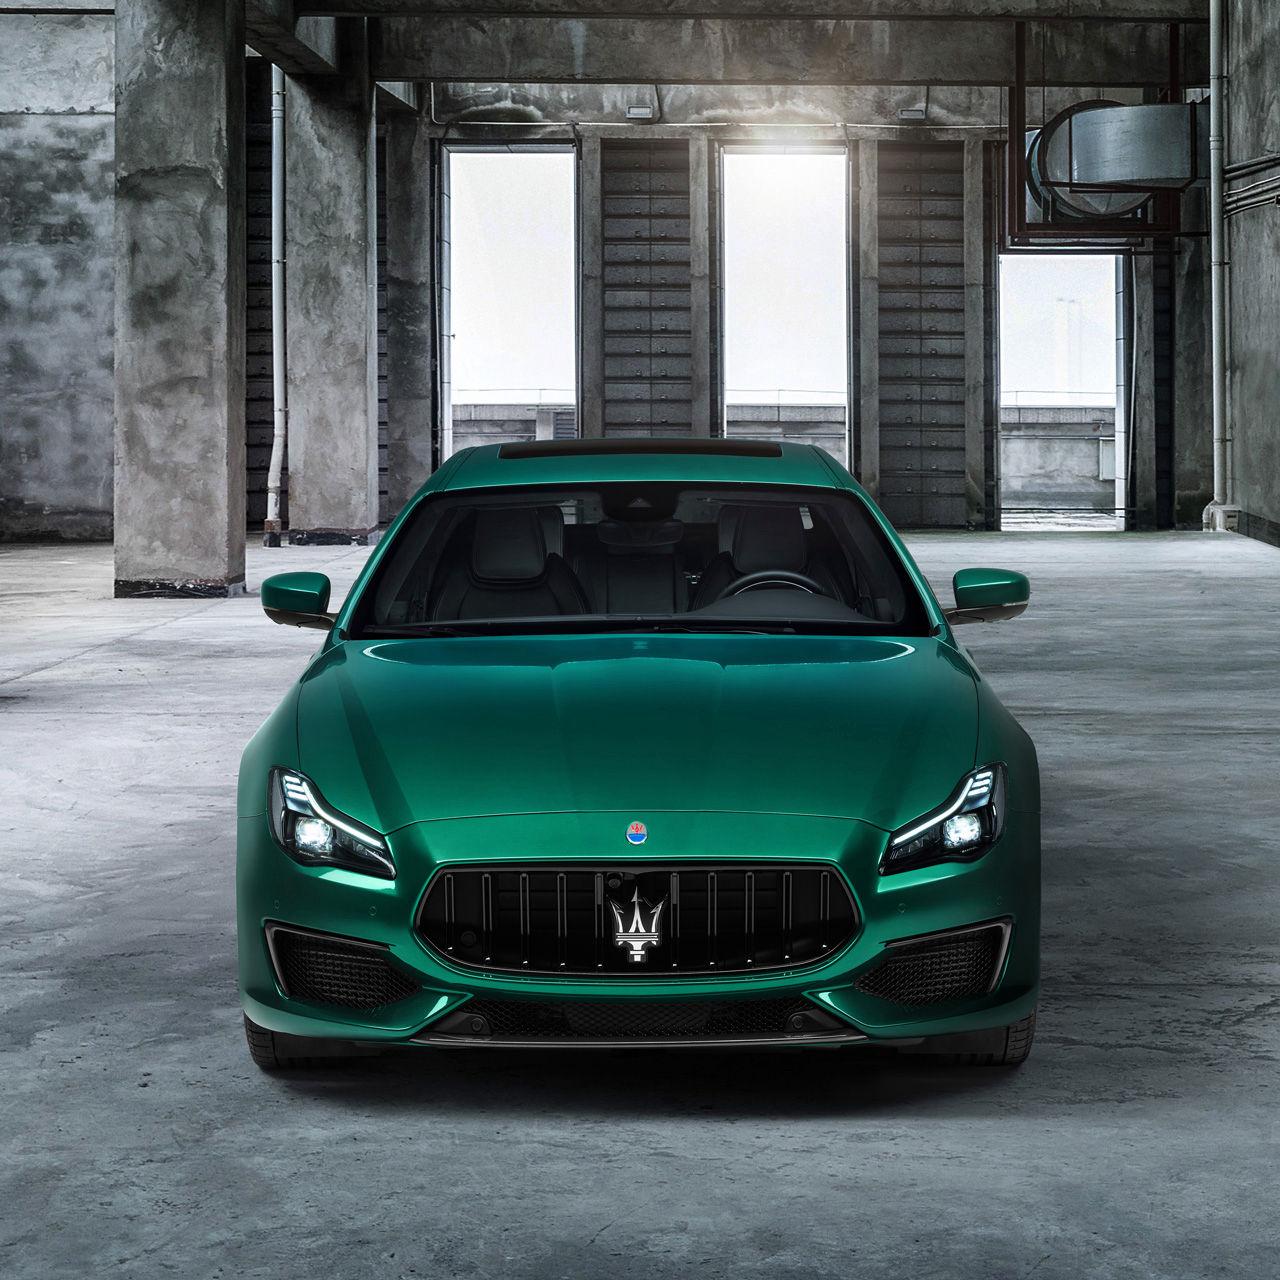 Maserati Quattroporte Trofeo - Grün - Frontansicht